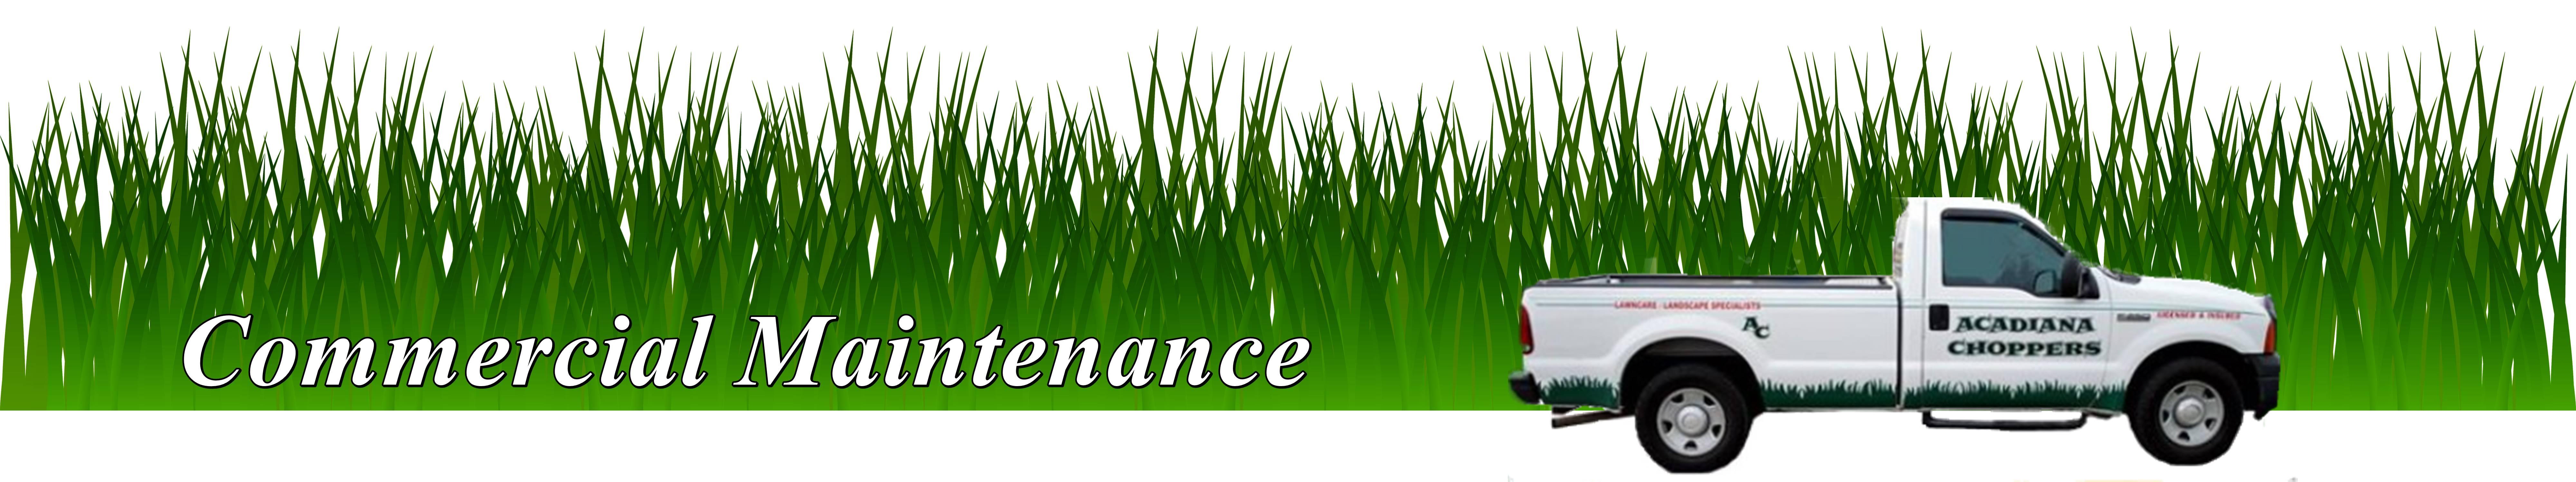 Commercial Lawn & Landscaping Maintenance in Lafayette, LA